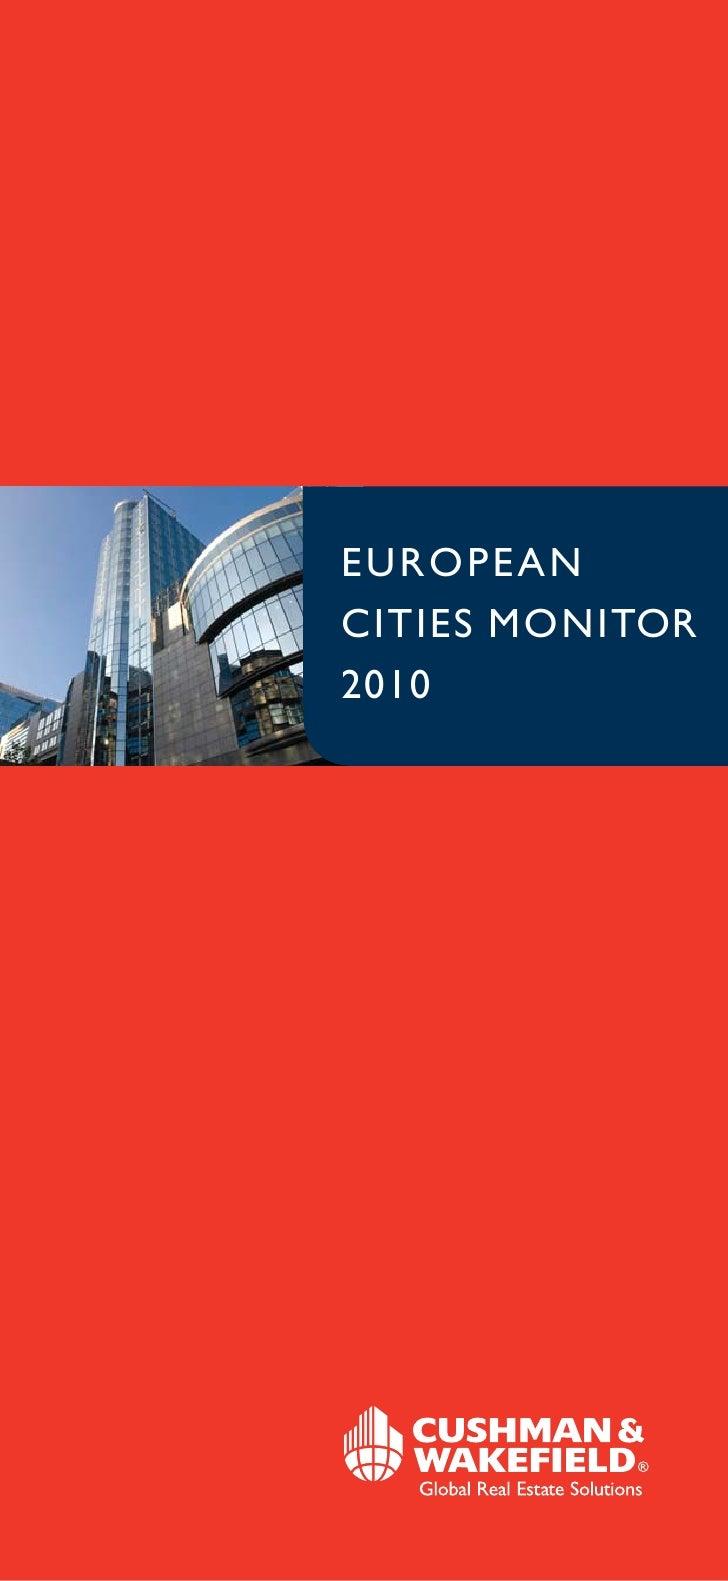 EUROPEANCITIES MONITOR2010